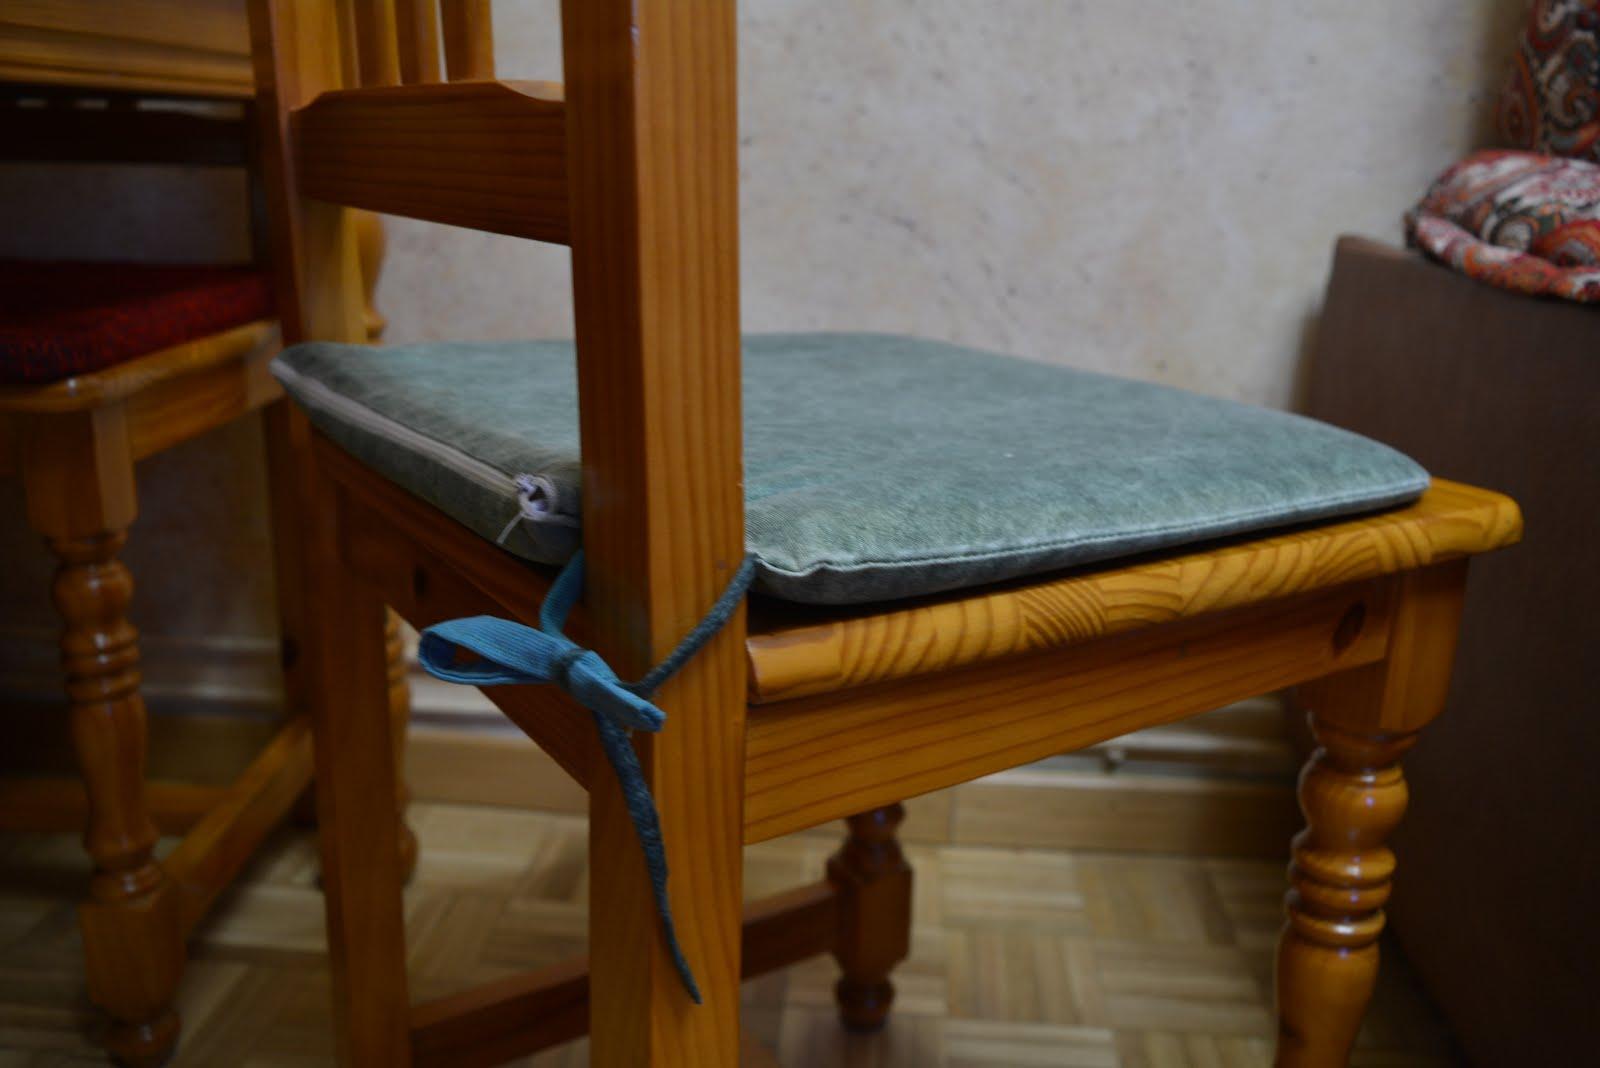 Bichinas fundas de cojines para sillas - Cojines para silla ...